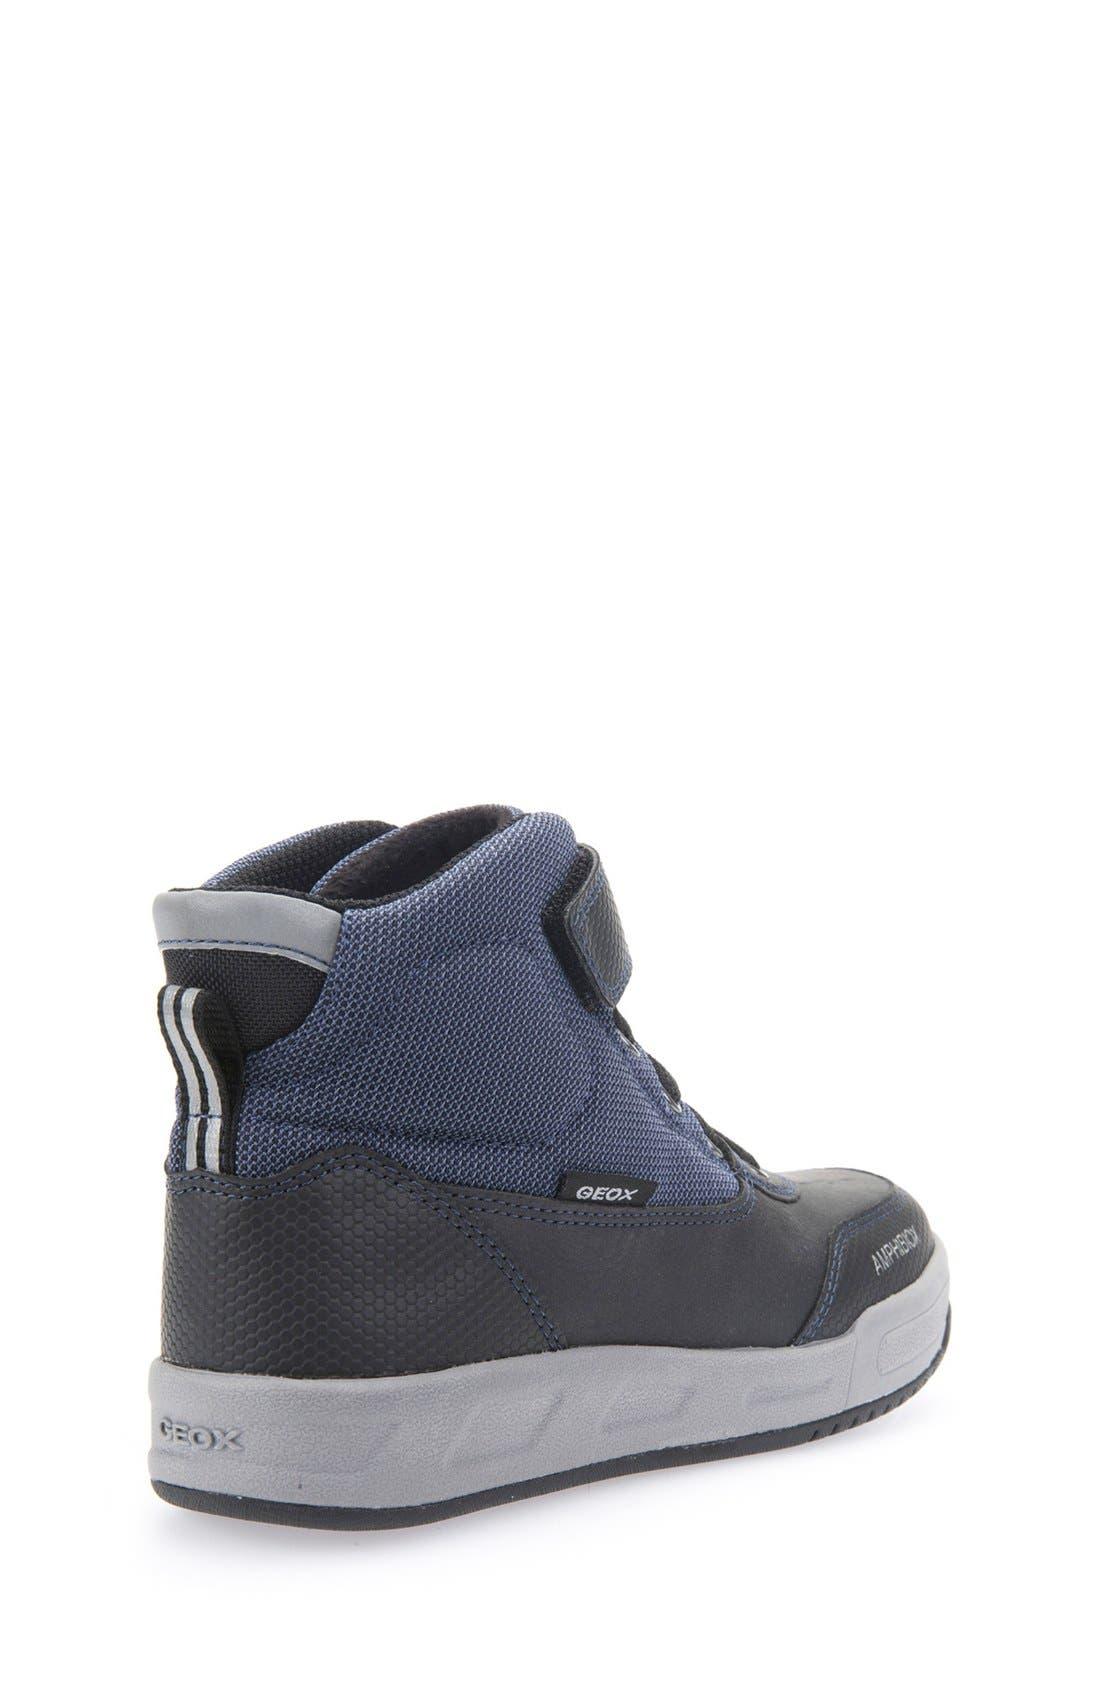 Rolk High Top Sneaker,                             Alternate thumbnail 5, color,                             Navy/ Black